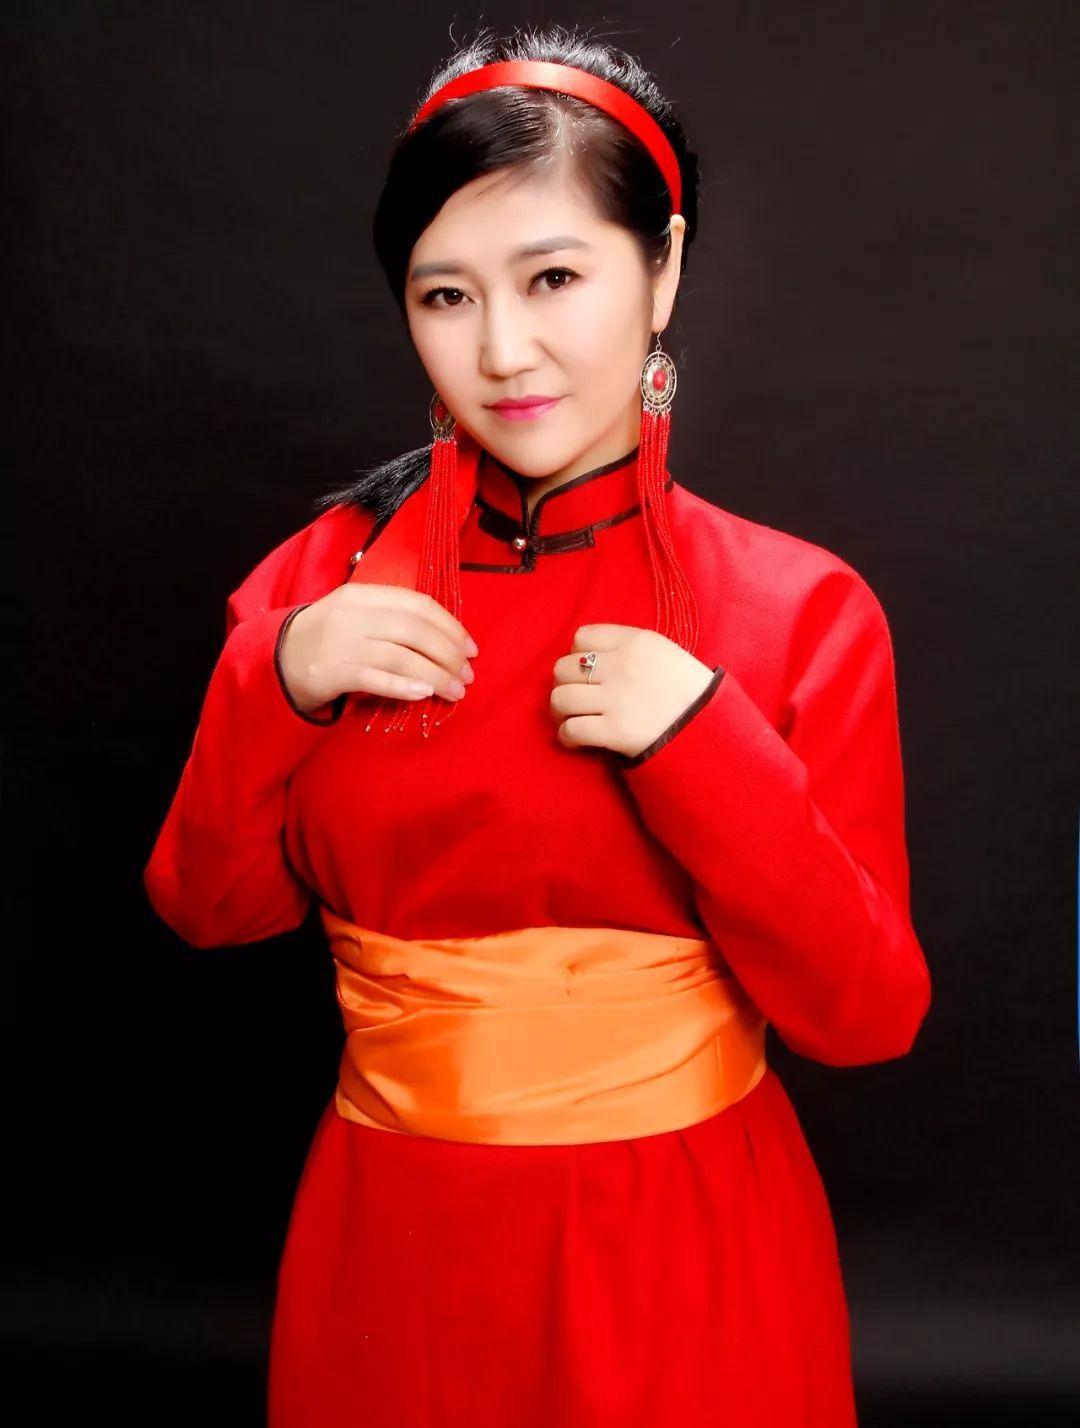 扎鲁特旗 美女唱的蒙古民歌 乌兰哥哥 真好听